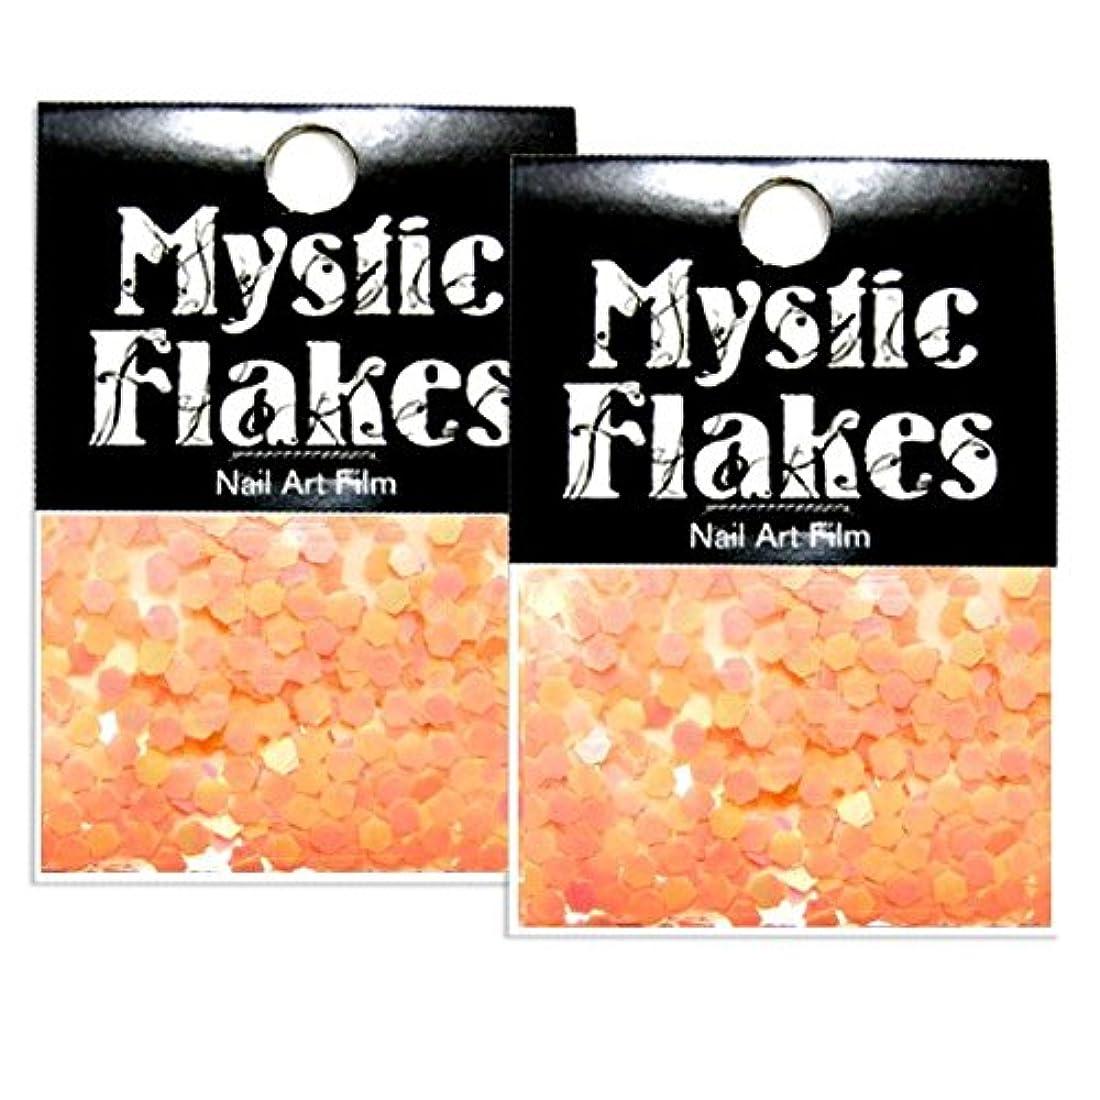 キャンバス促す和ミスティックフレース ネイル用ストーン ルミネオレンジ ヘキサゴン 2.5mm 0.5g 2個セット